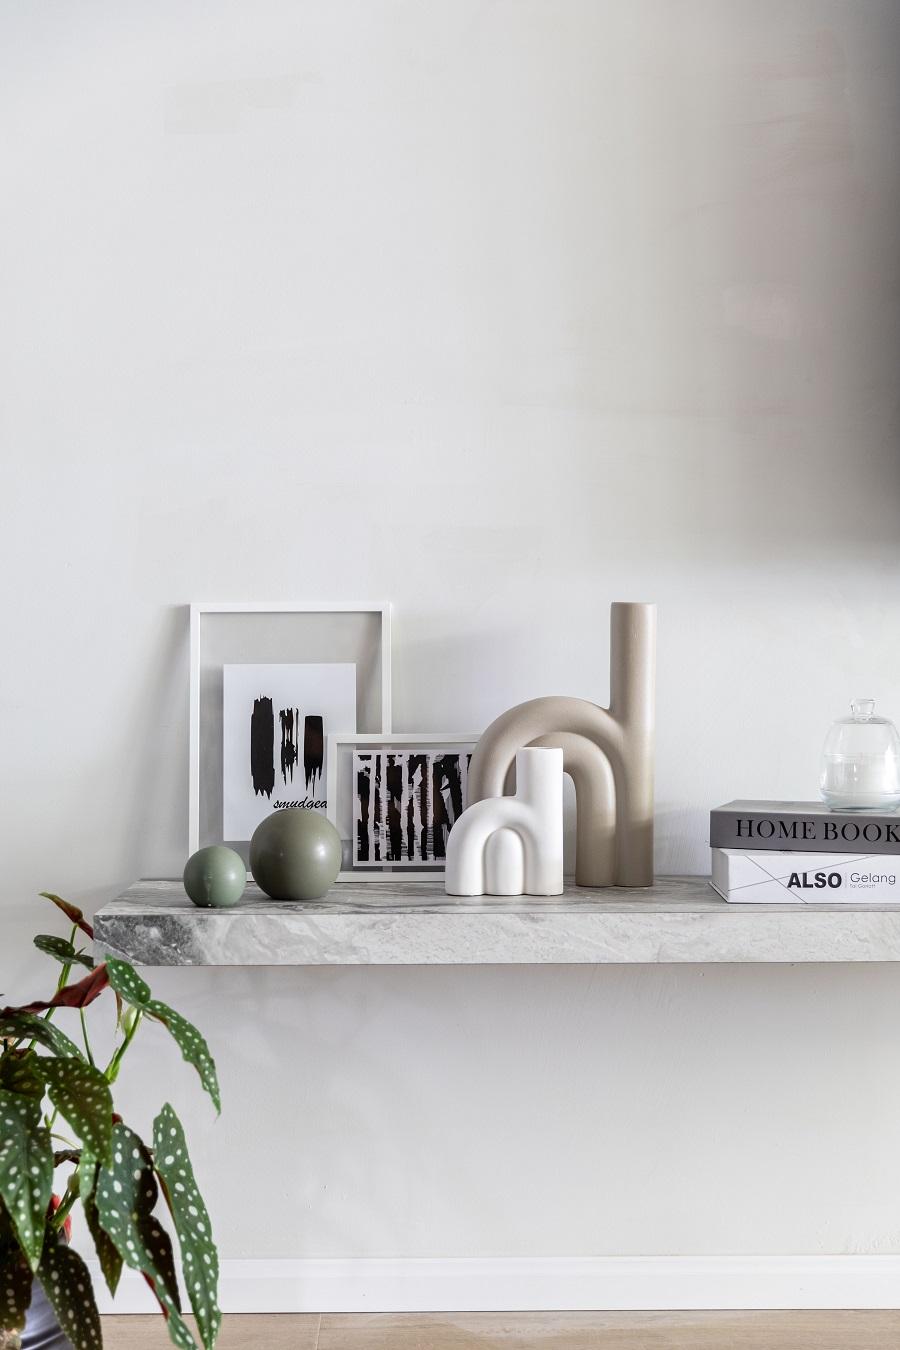 עיצוב בטי יעקובסון | צילום אוריתא רנון